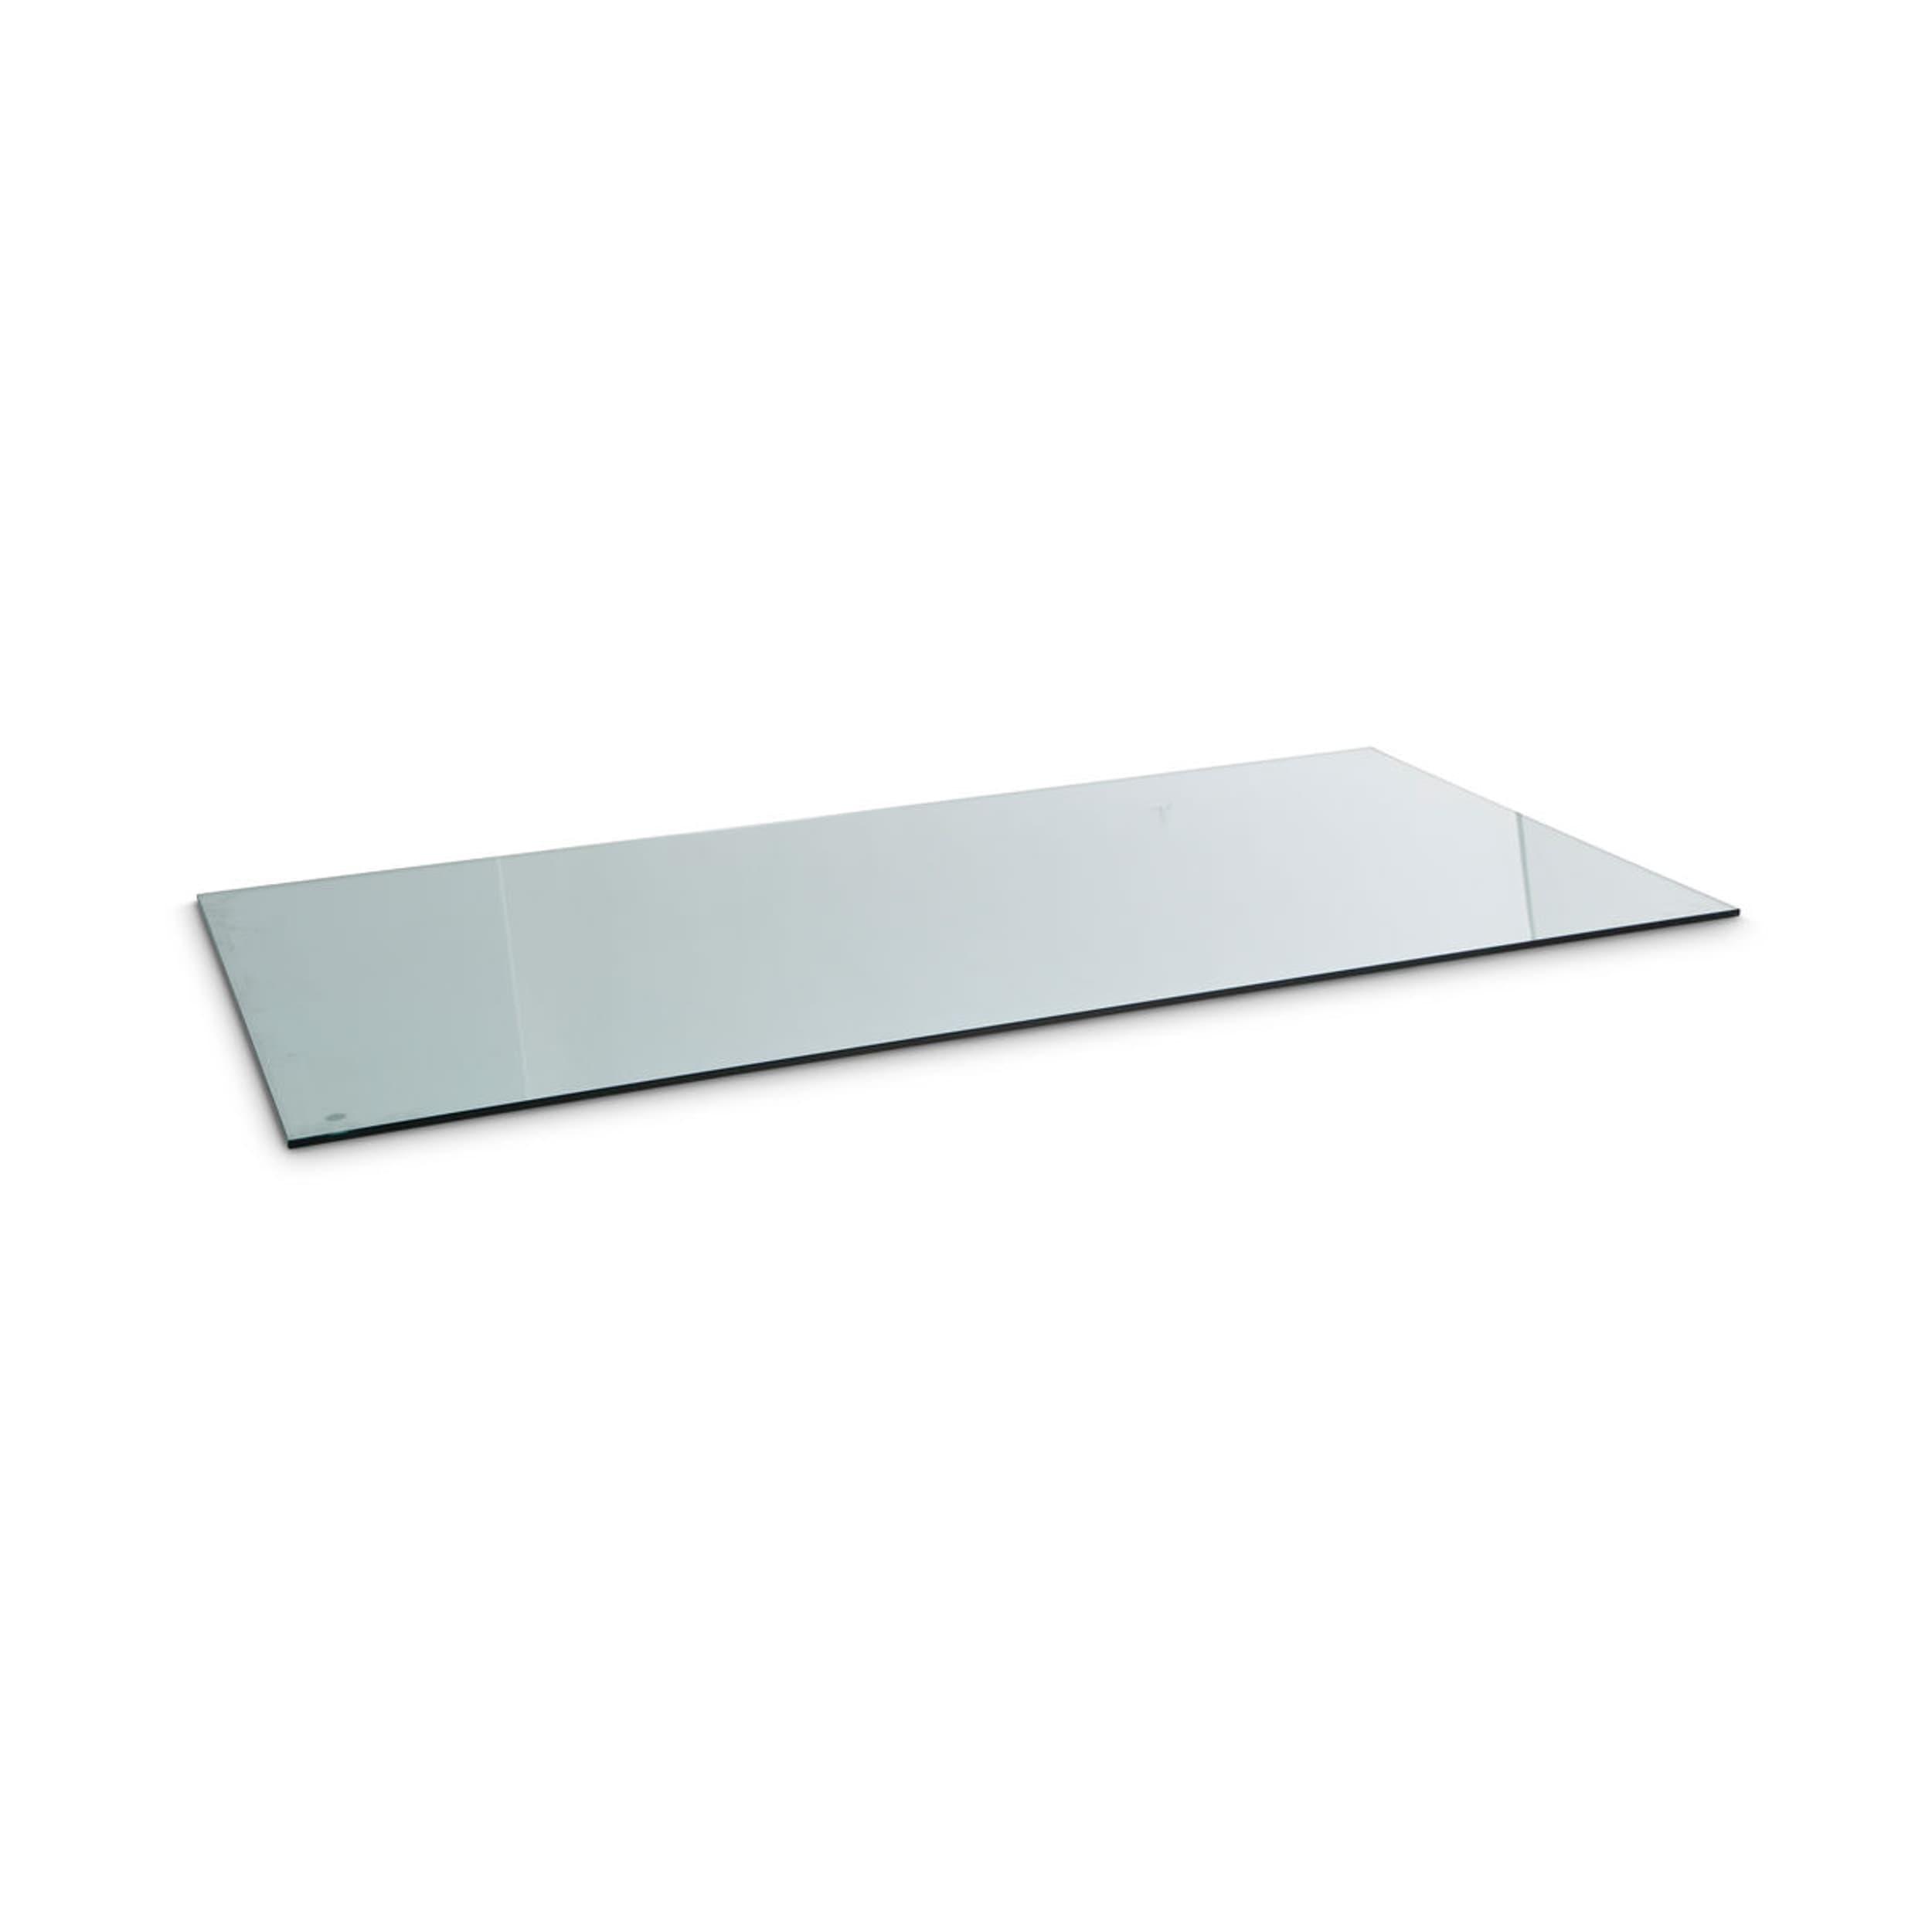 Image of Klarglasplatte OFFICE-PLUS